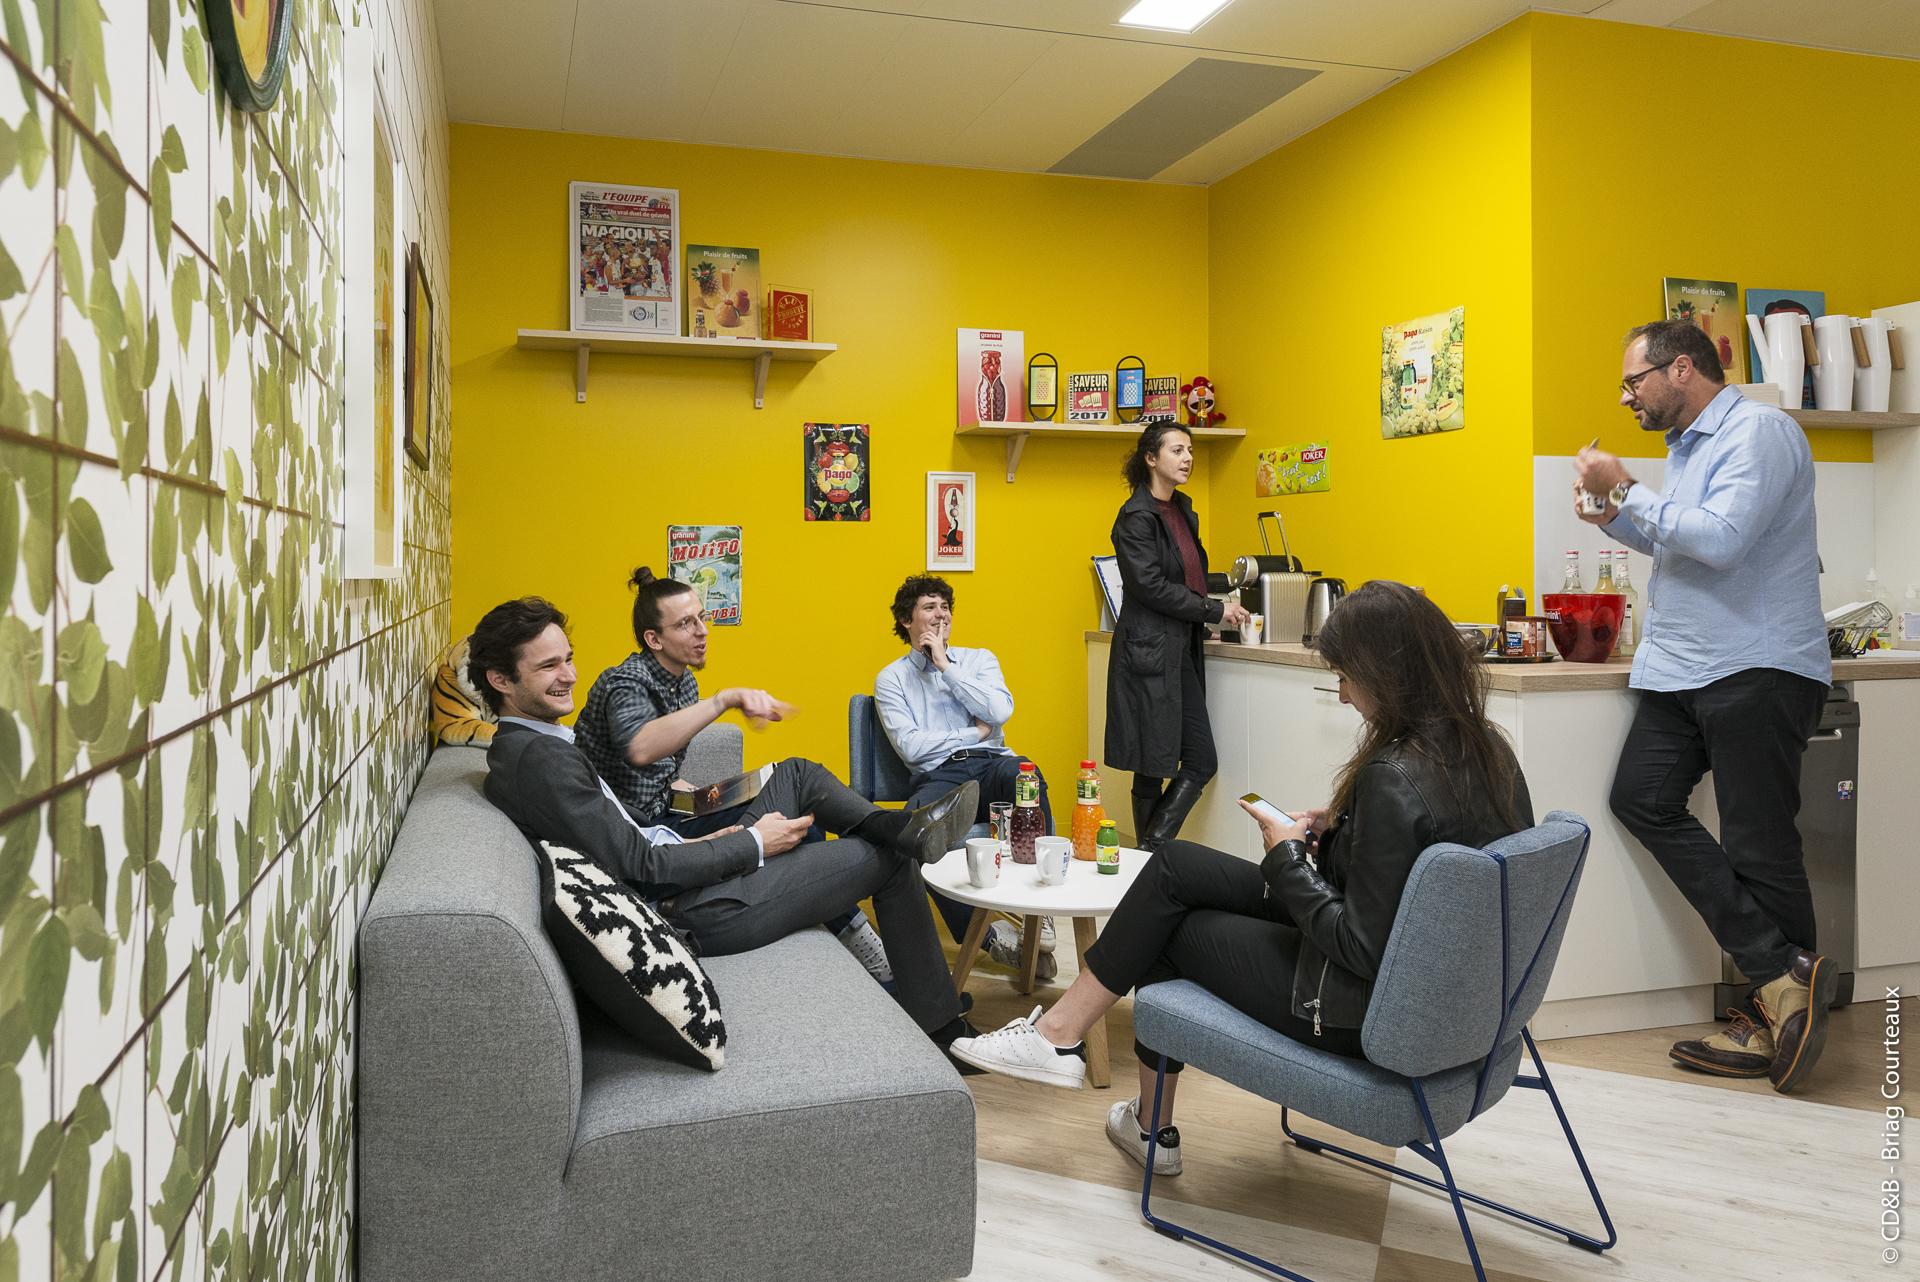 Conseil, aménagement, conception et réalisation des espaces de la société ECKES Granini par CDB, Meet you there.